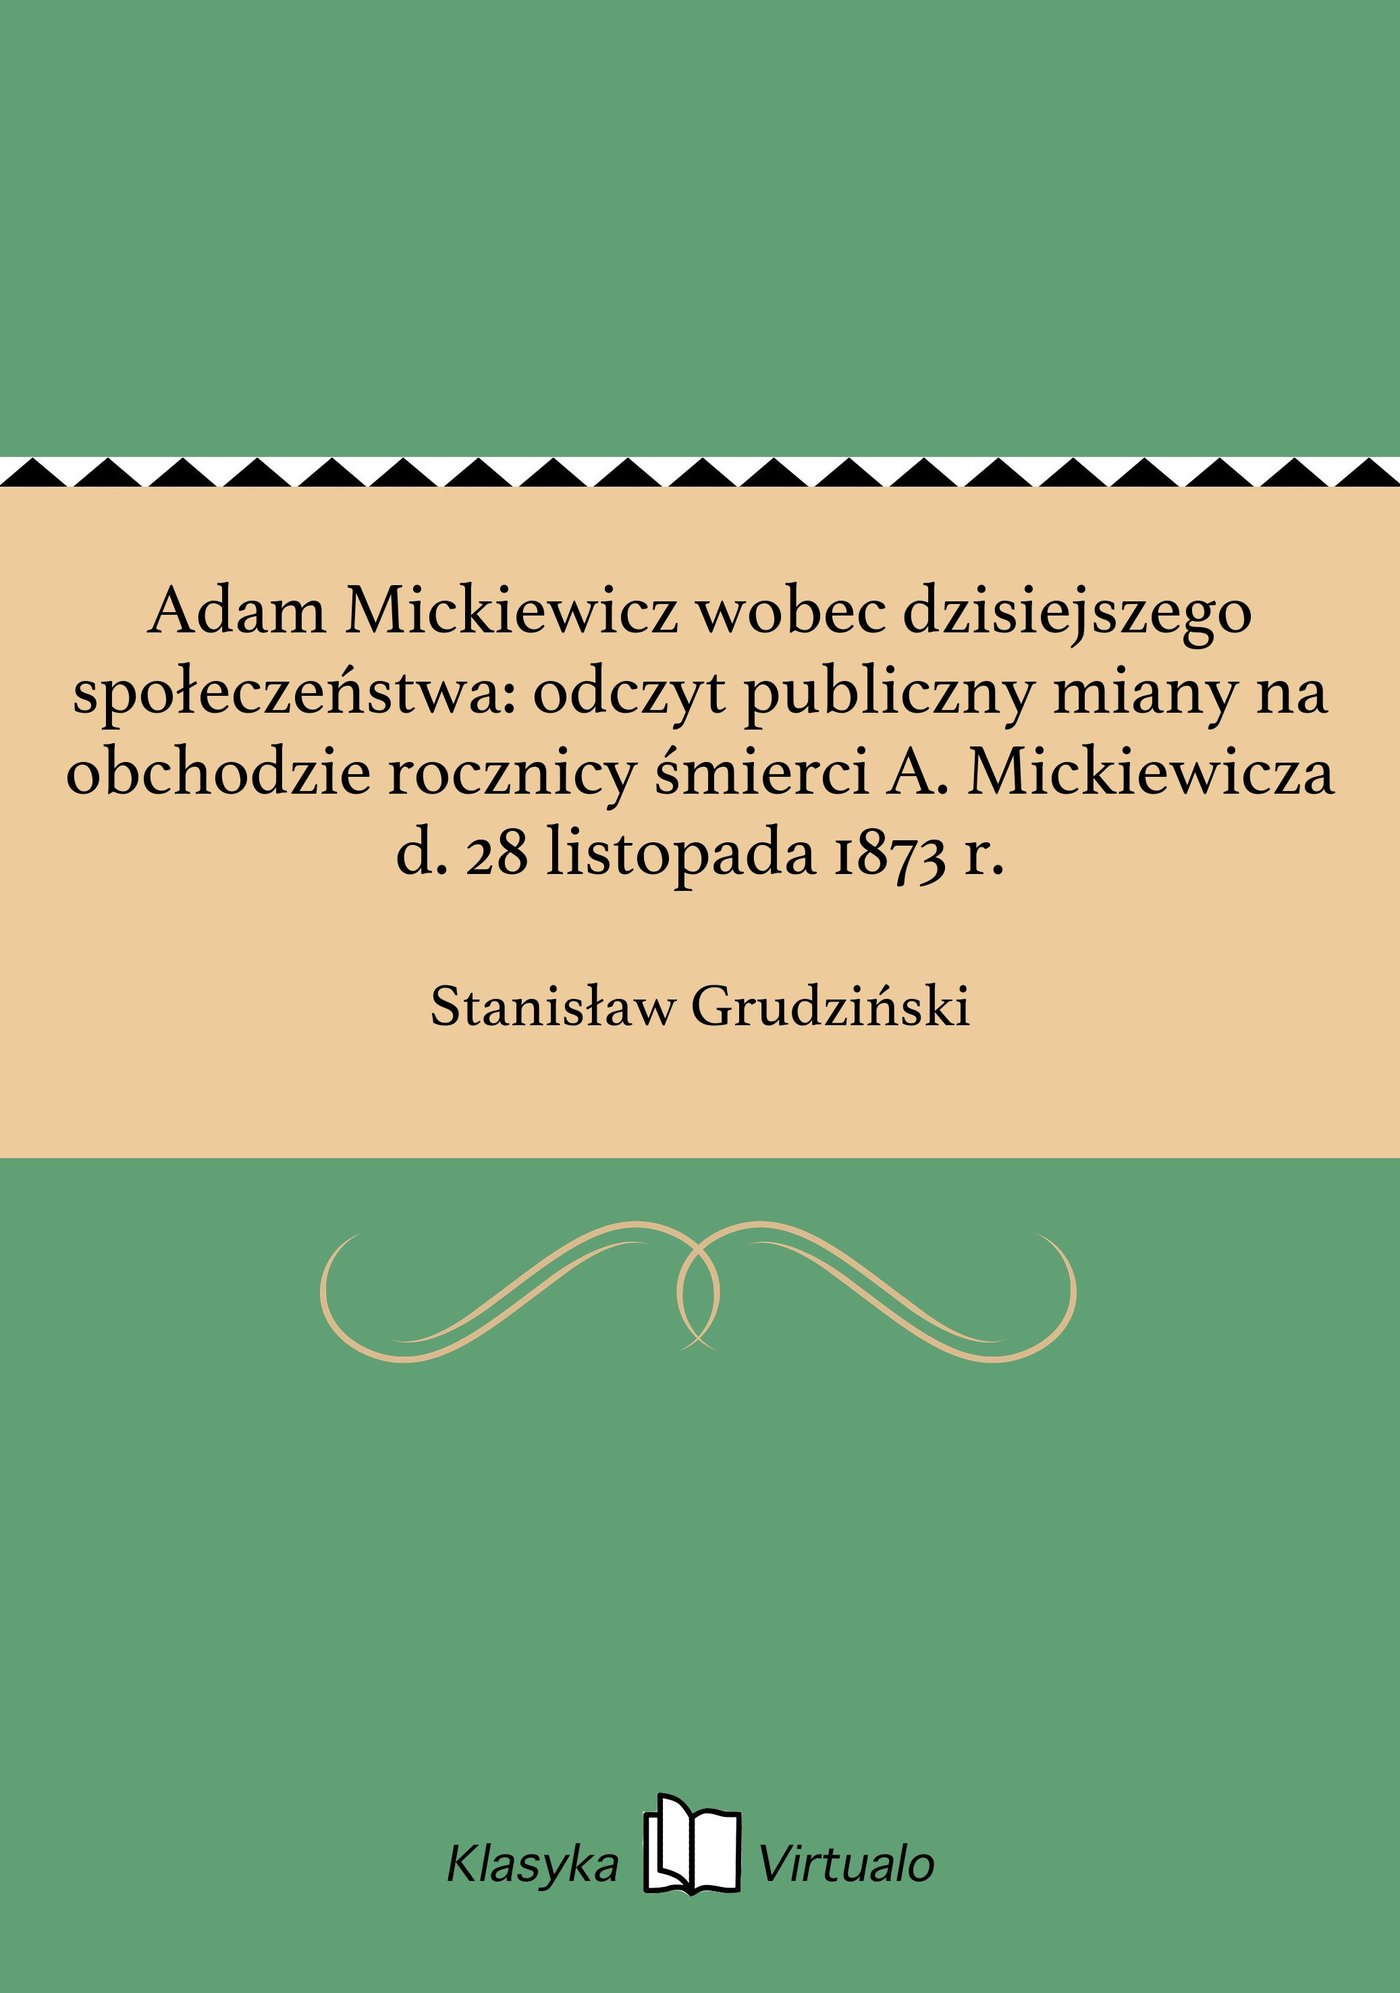 Adam Mickiewicz wobec dzisiejszego społeczeństwa: odczyt publiczny miany na obchodzie rocznicy śmierci A. Mickiewicza d. 28 listopada 1873 r. - Ebook (Książka EPUB) do pobrania w formacie EPUB